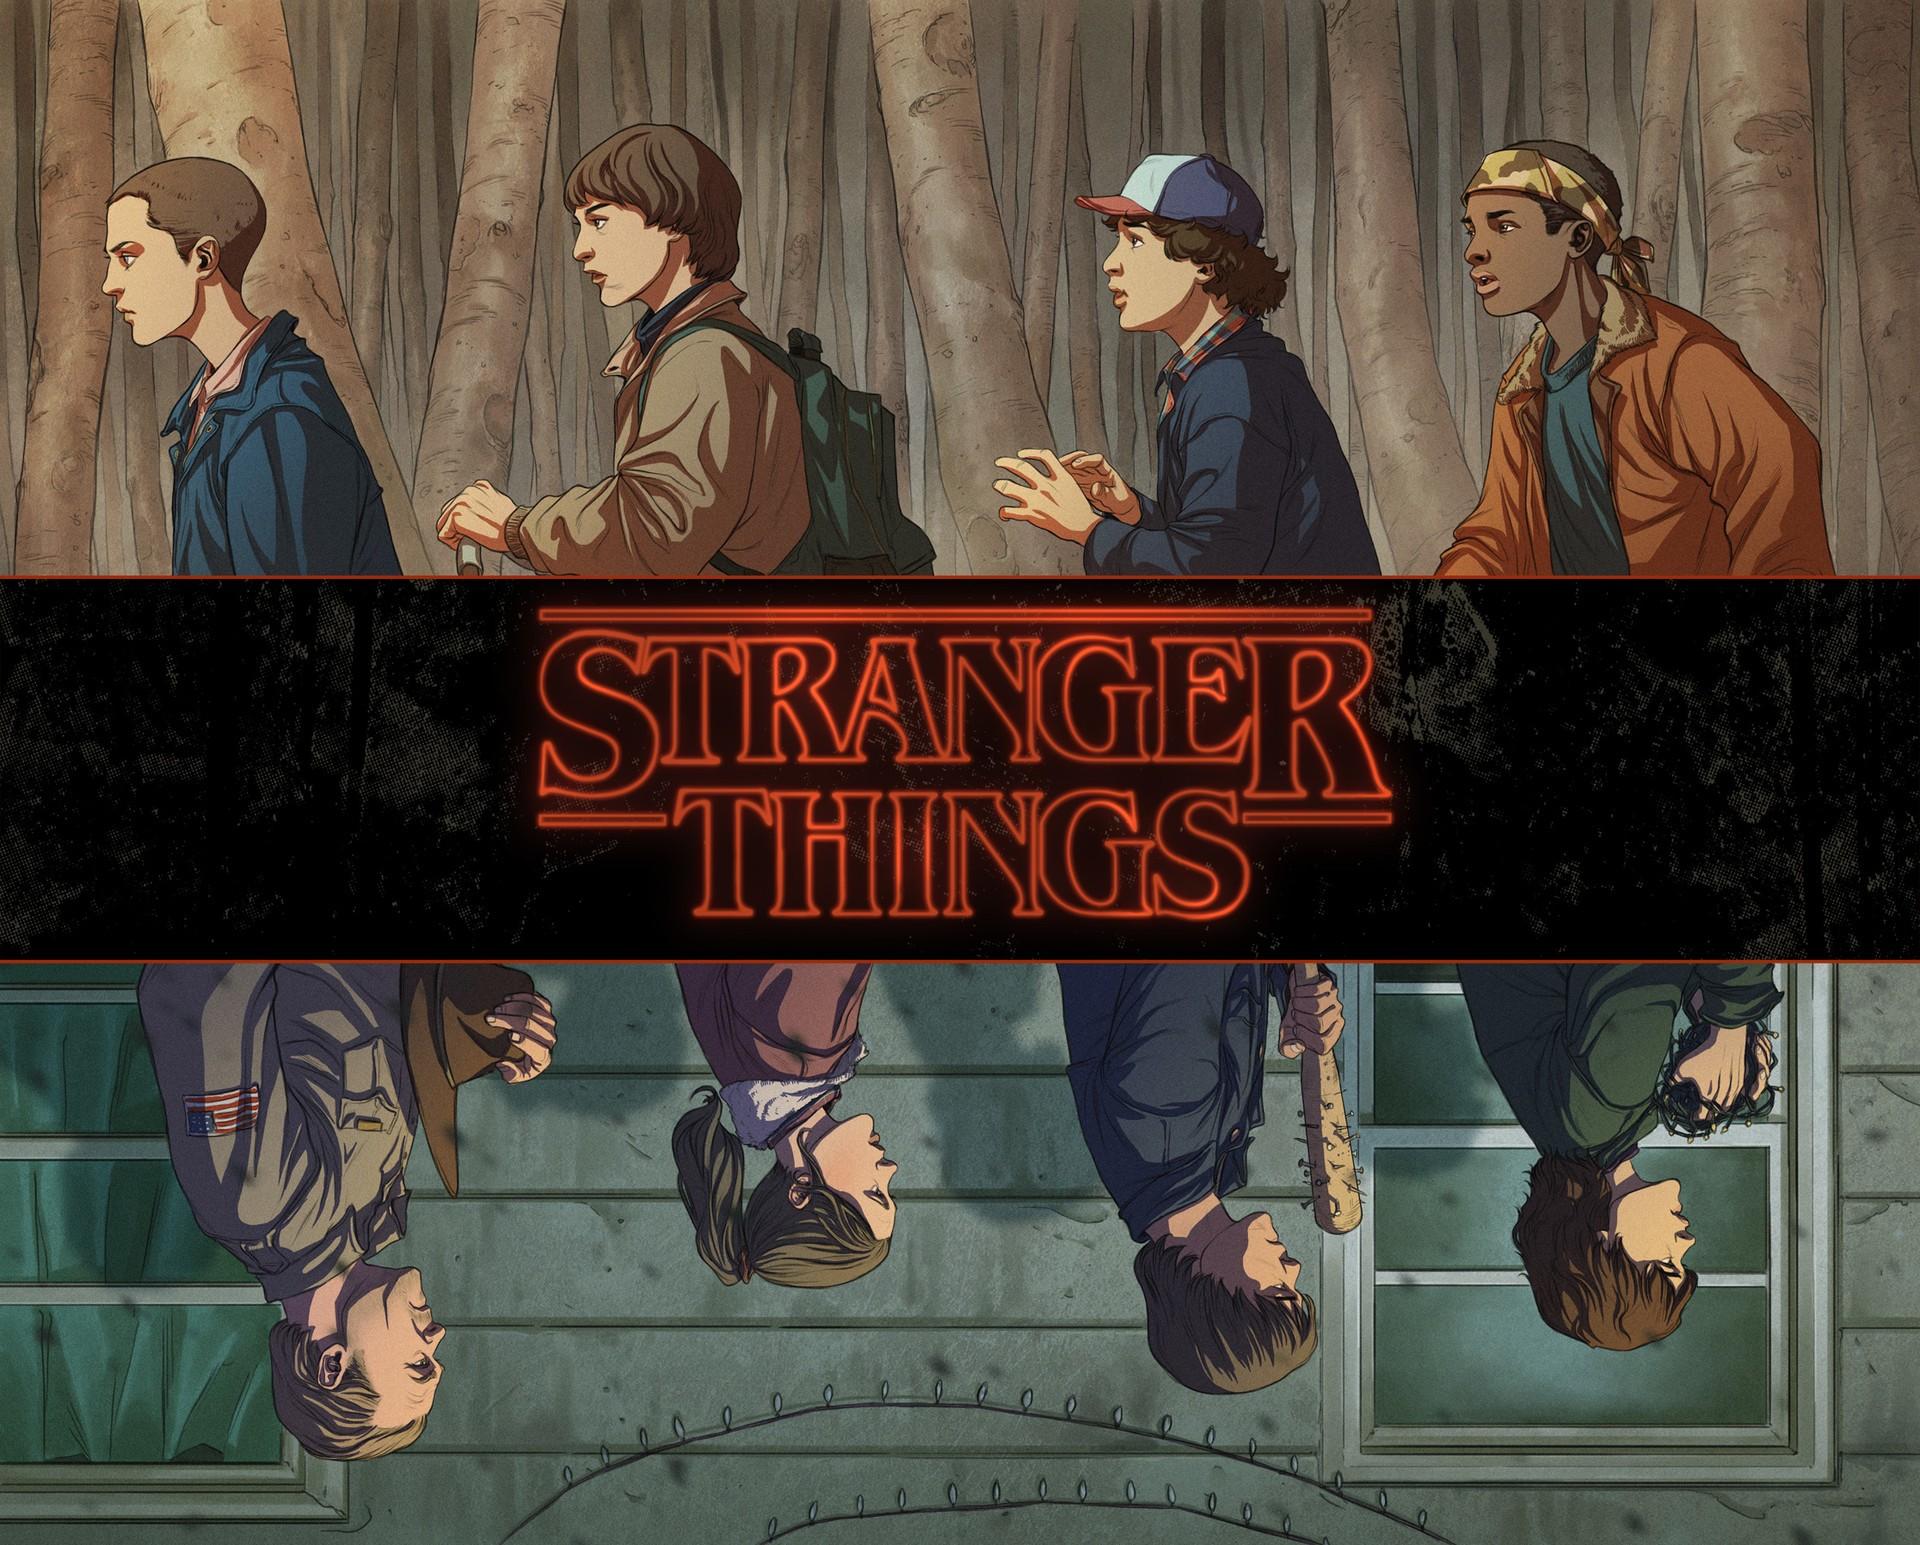 Stranger Things wallpaper ·① Download free beautiful ...